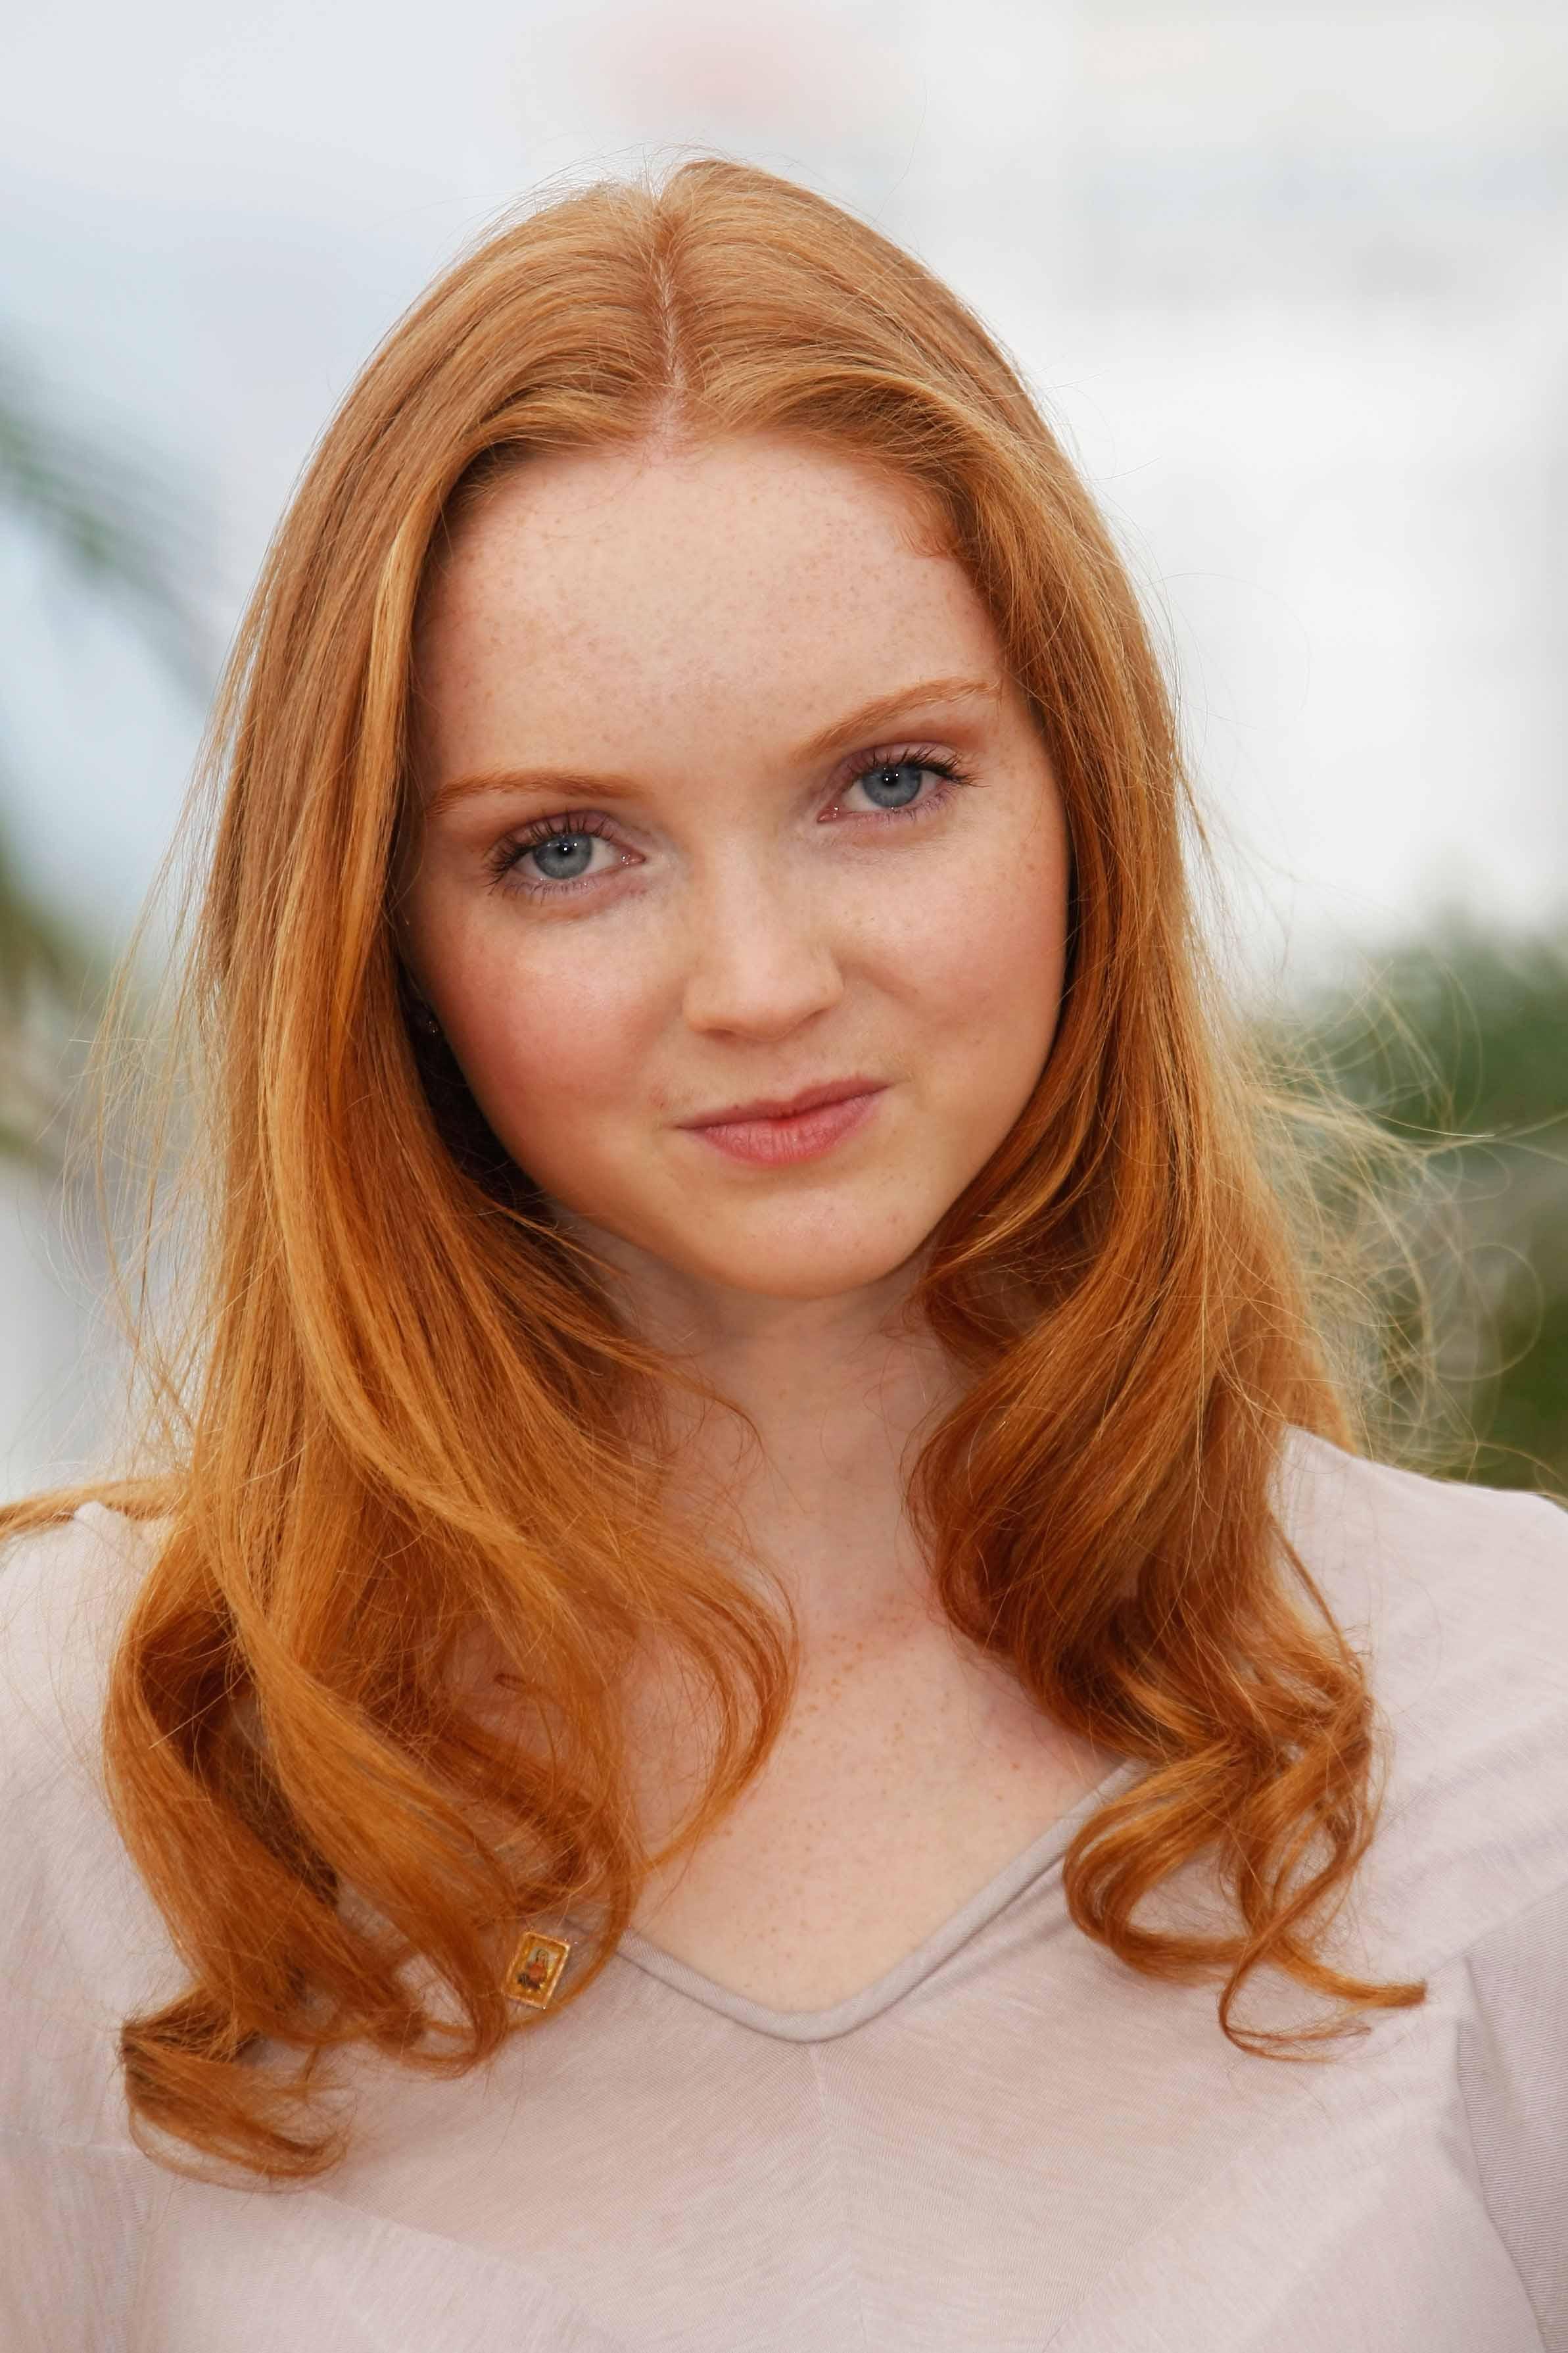 Les rousses célèbres : Lily Cole avec de longs cheveux roux naturels et des boucles tombantes.